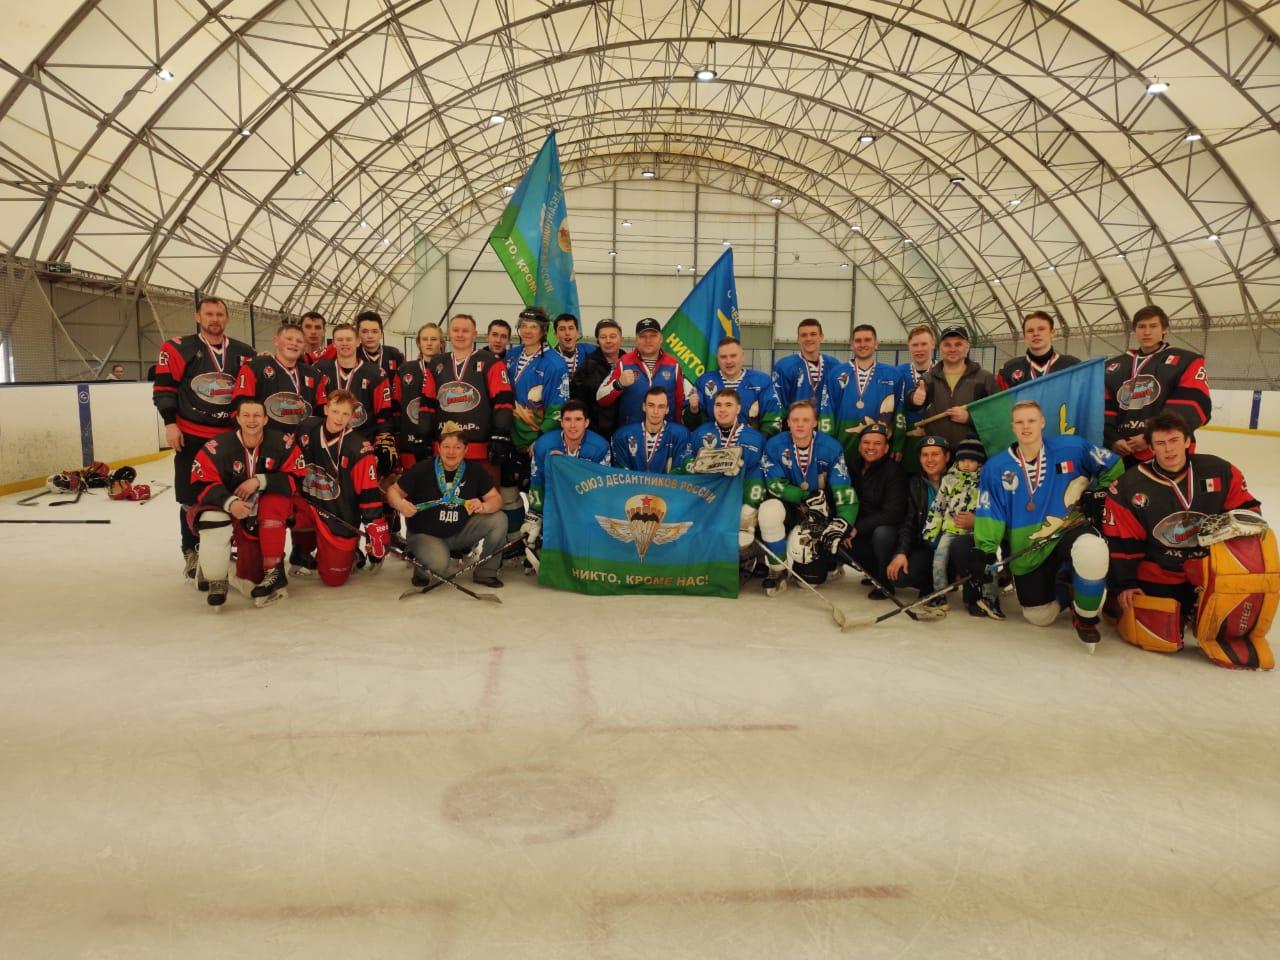 Команда по хоккею «Союза десантников Удмуртии» с достоинством прошла весь соревновательный путь престижного хоккейного турнира